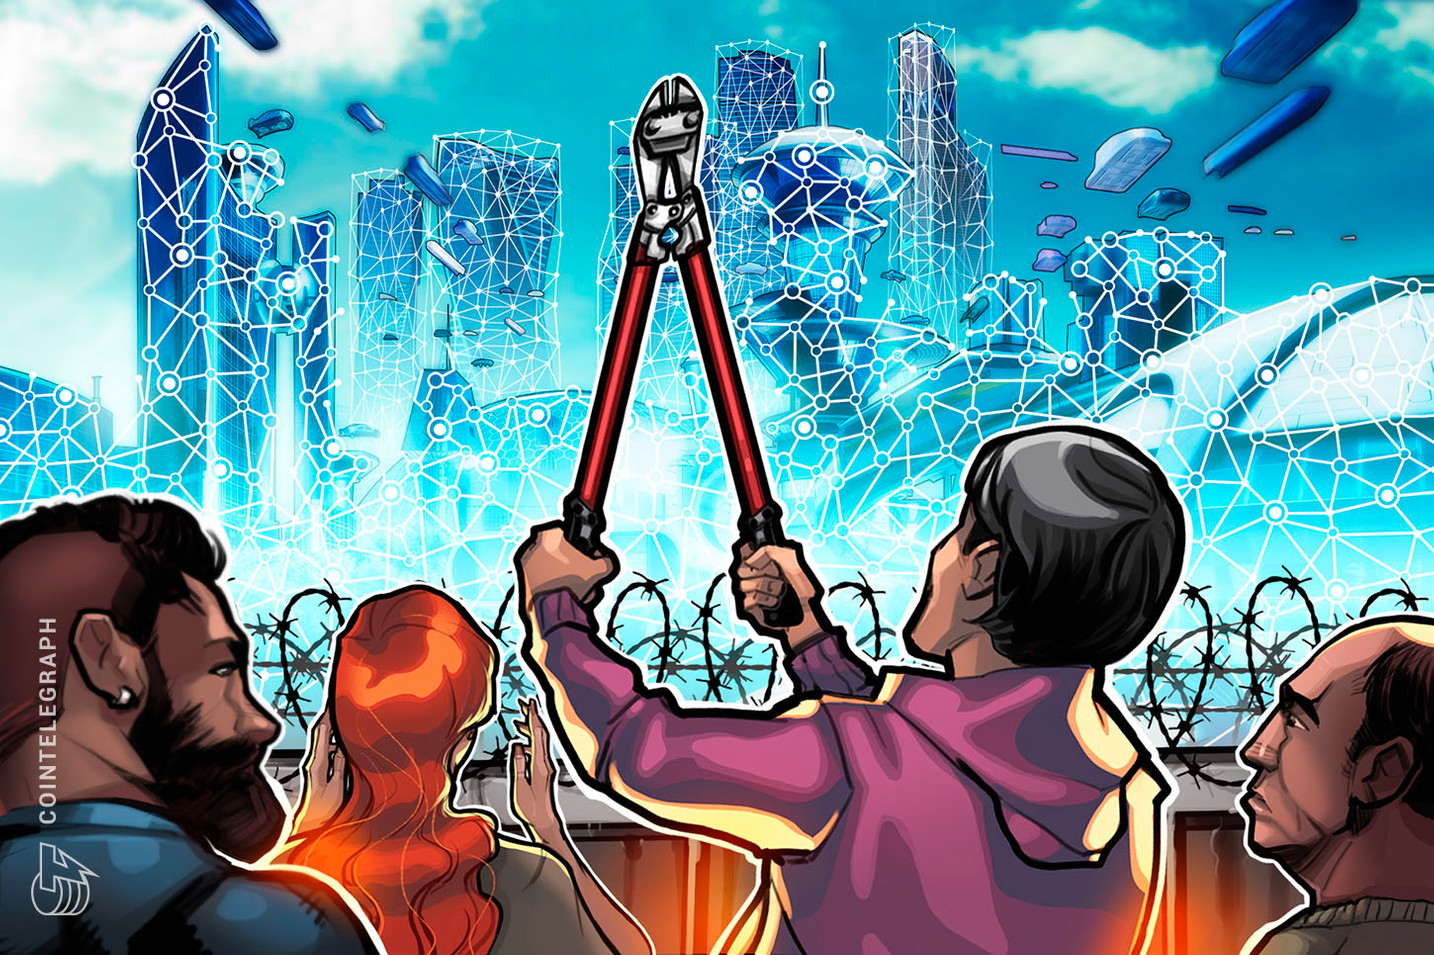 Chilenische Banken vs. Krypto-Börsen: Werden die Bürger Zugriff auf die Technologie haben?